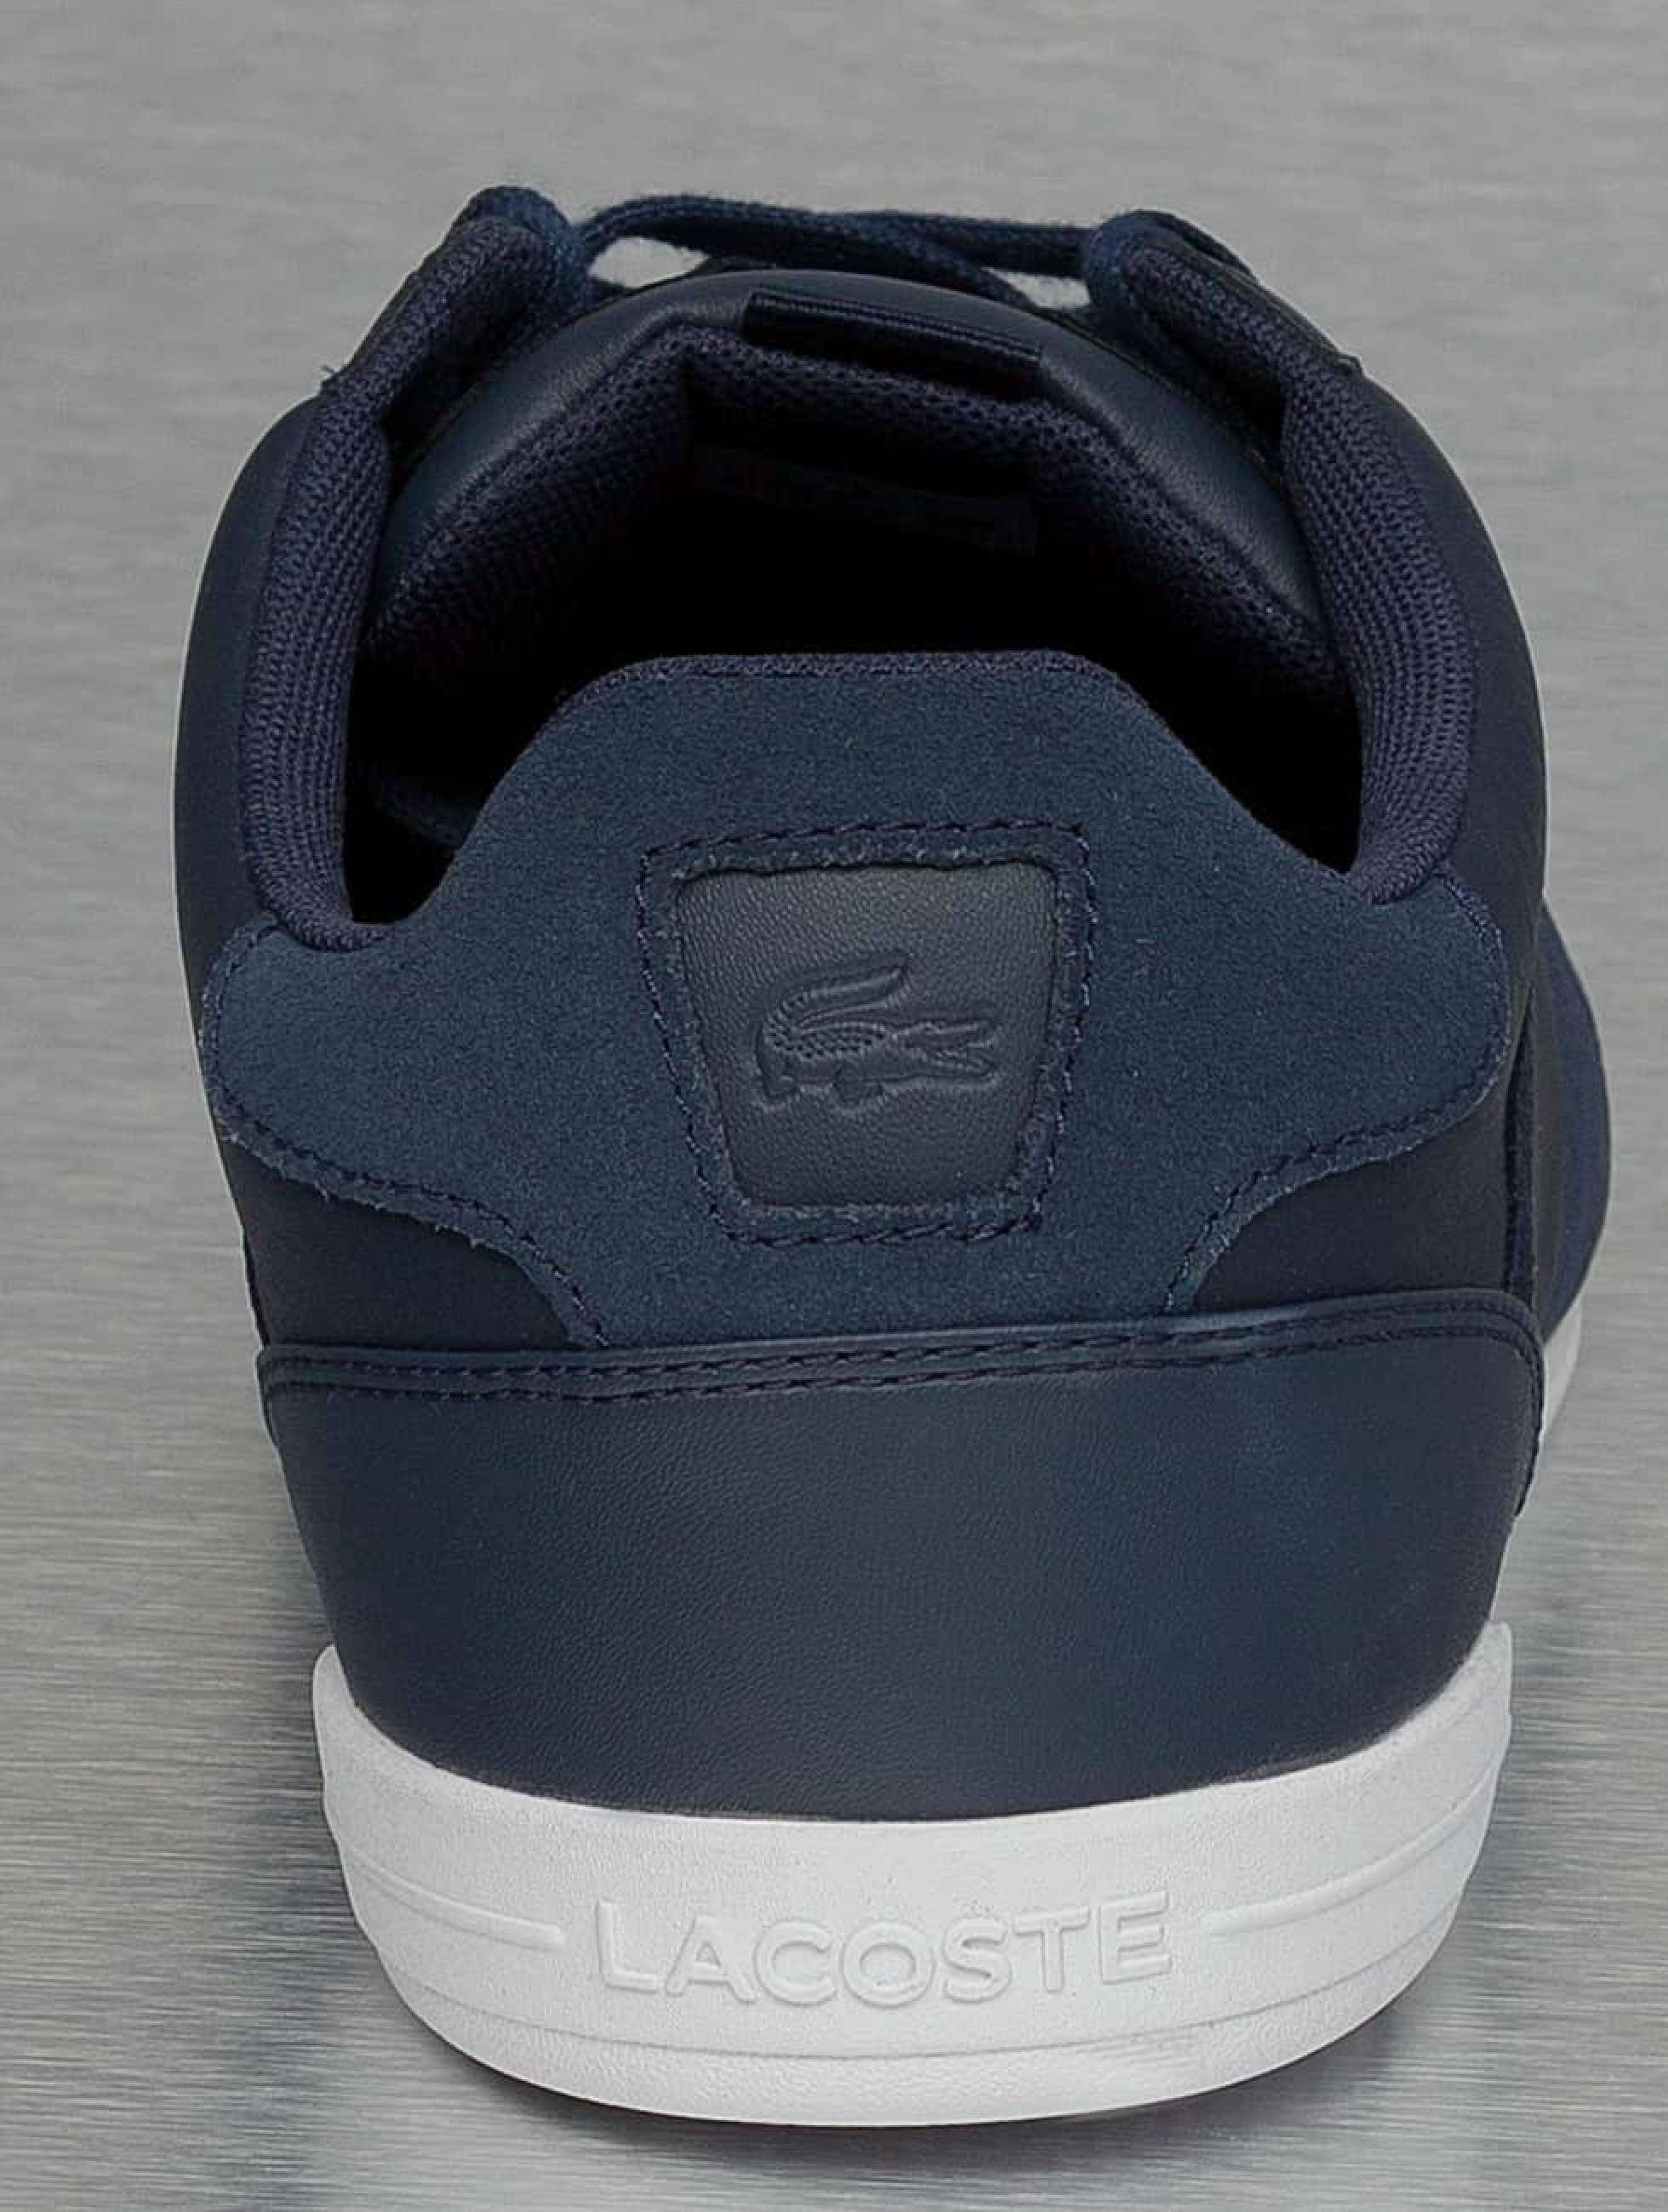 Lacoste / Herren Schuhe / Lacoste Sneaker Giron 416 SPM 1aa694